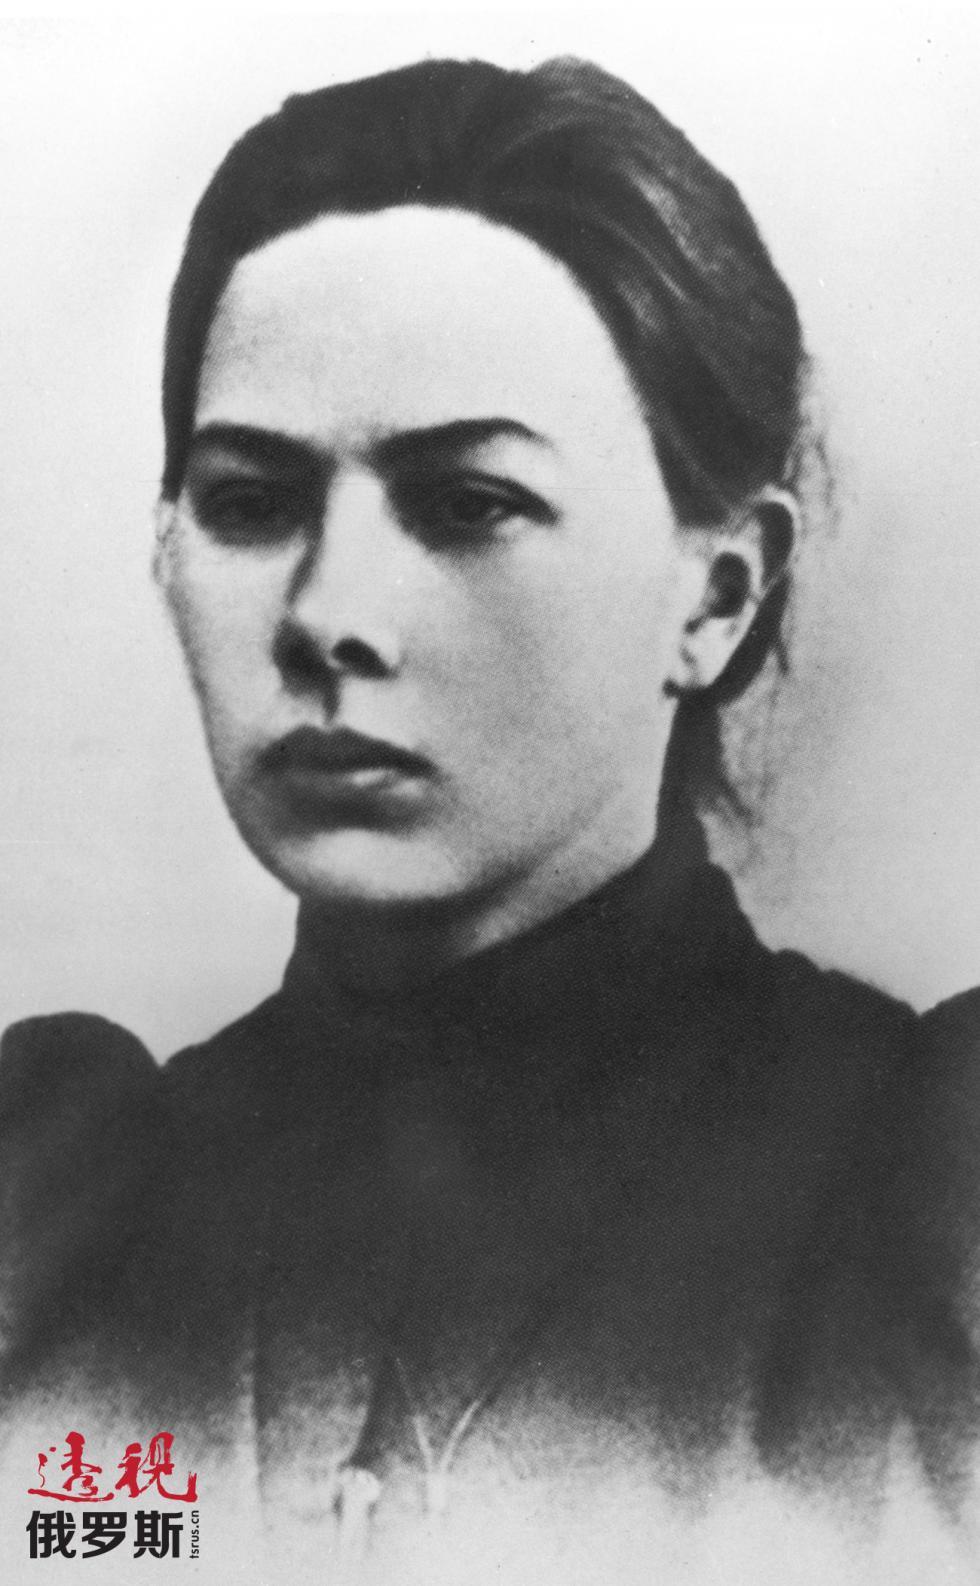 1978年6月1日。年轻的娜杰日达·克鲁普斯卡娅。图片来源:俄新社